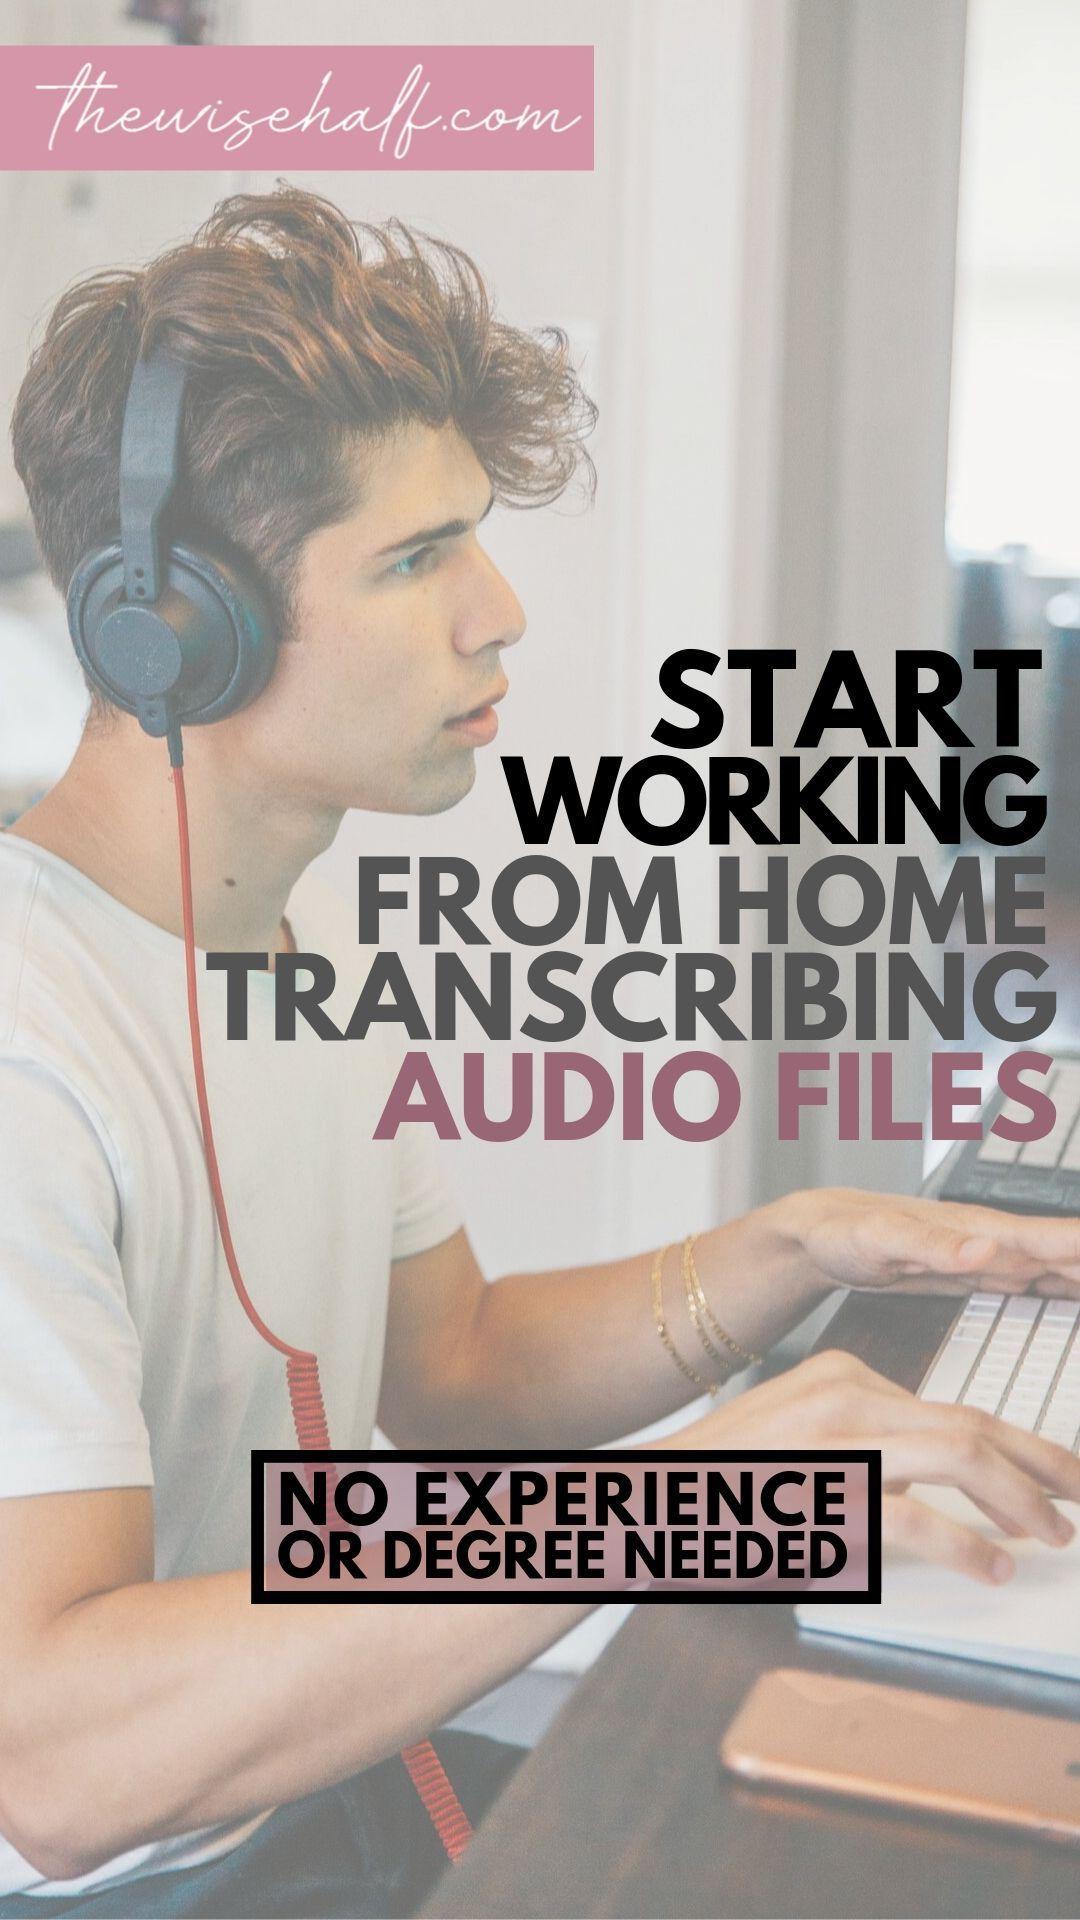 Freelance Transcription Jobs For Beginners. How To Start